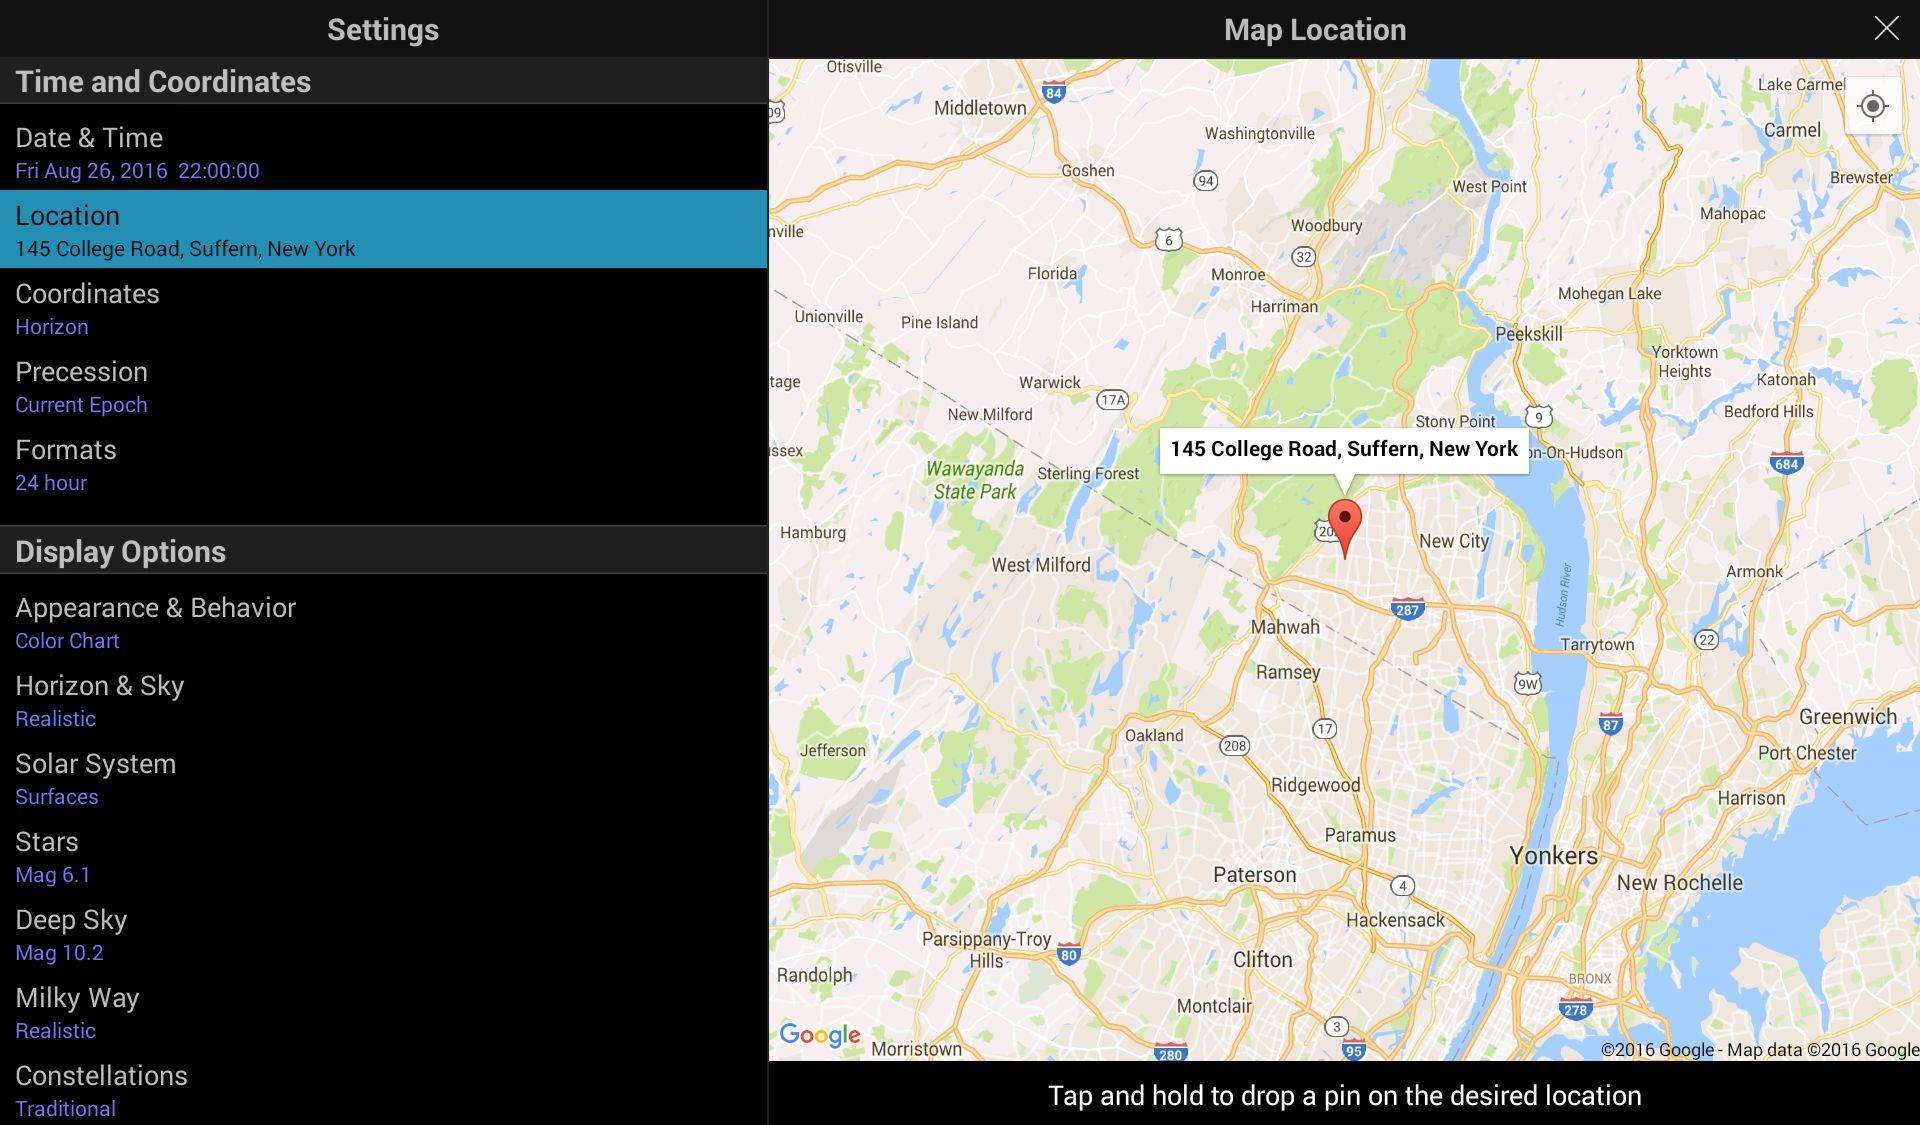 SkySafari 5, Aplikasi Penjelajah Langit Berbasis Mobile untuk Pencinta Astronomi